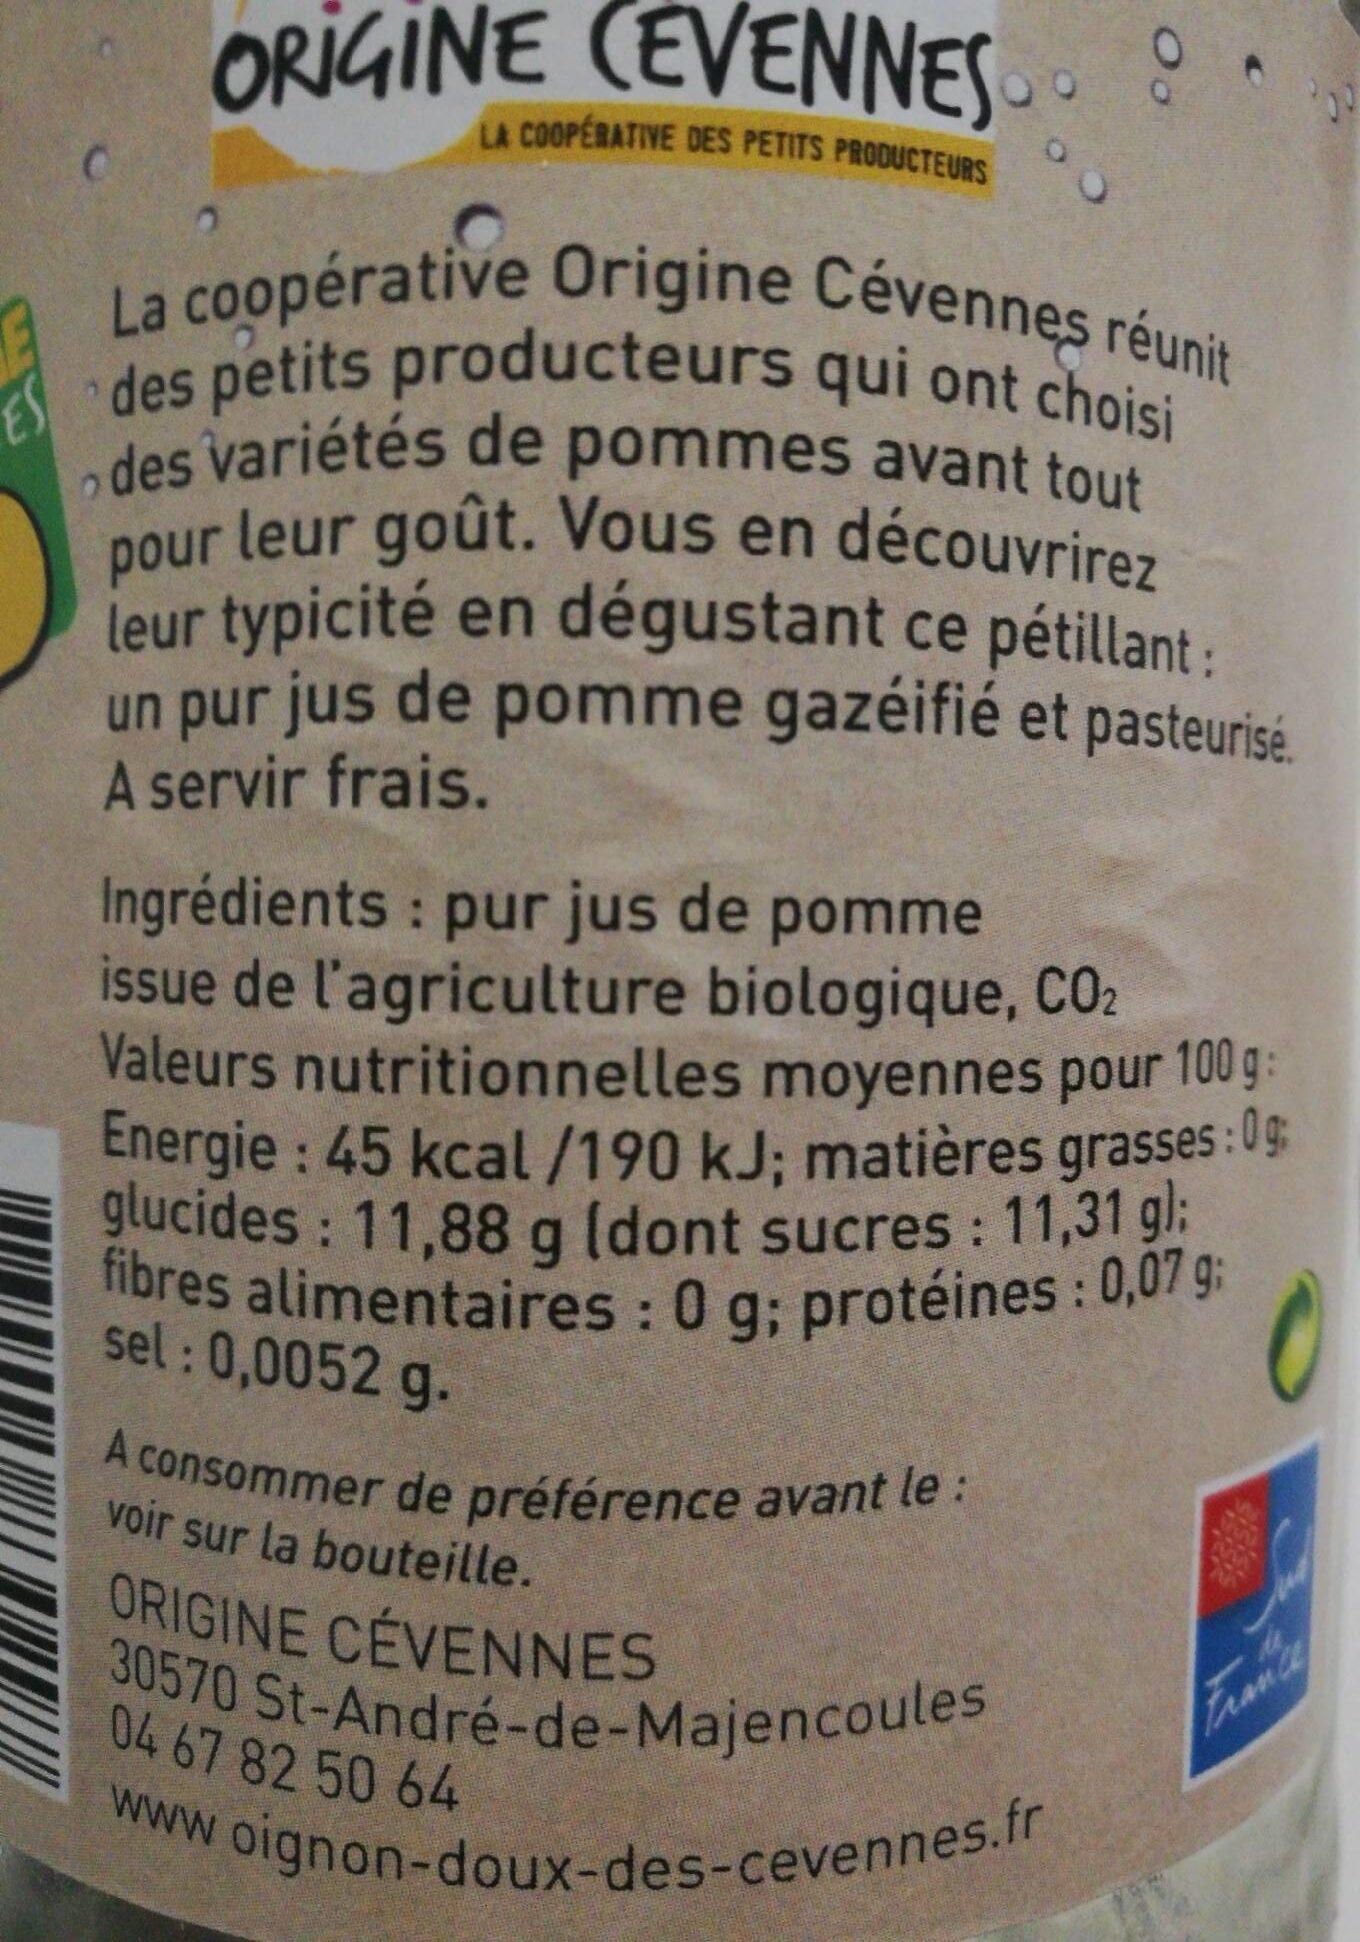 Pétillant de pomme des Cévennes - Nutrition facts